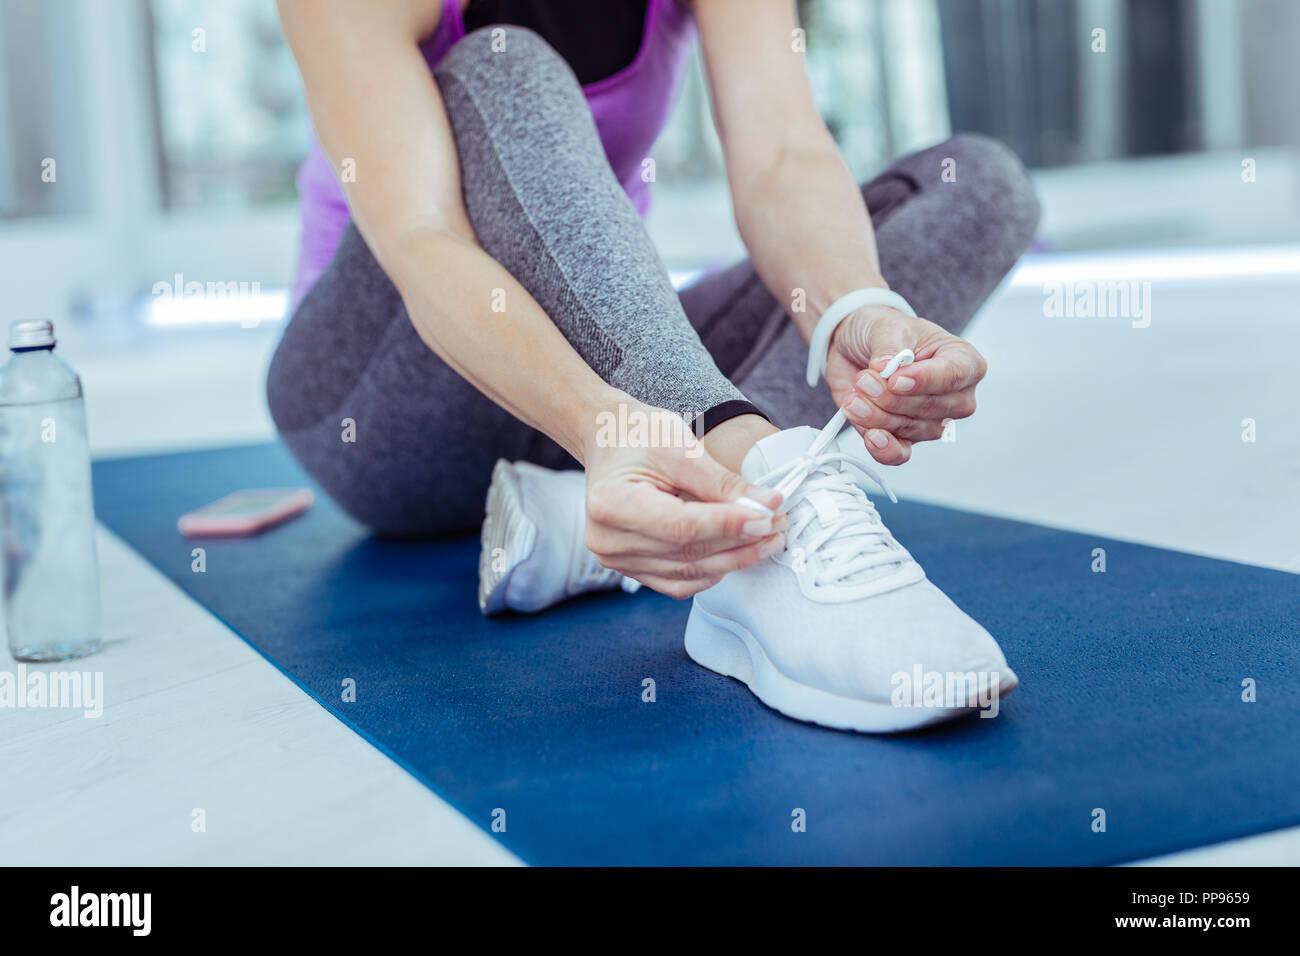 Glatte weibliche Hände binden Schnürsenkel vor dem Training Stockbild